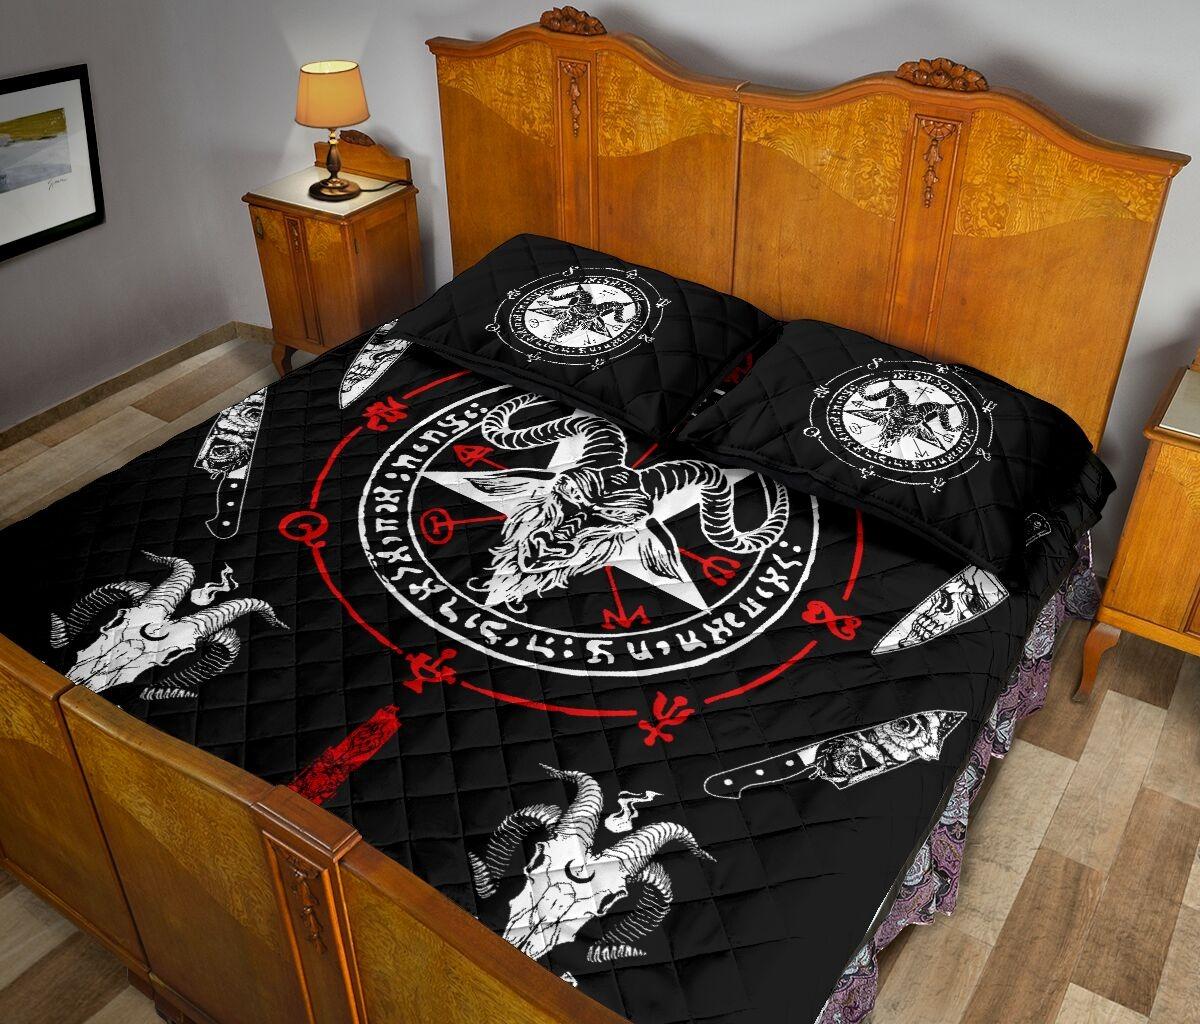 Hail Satan bedding set 10